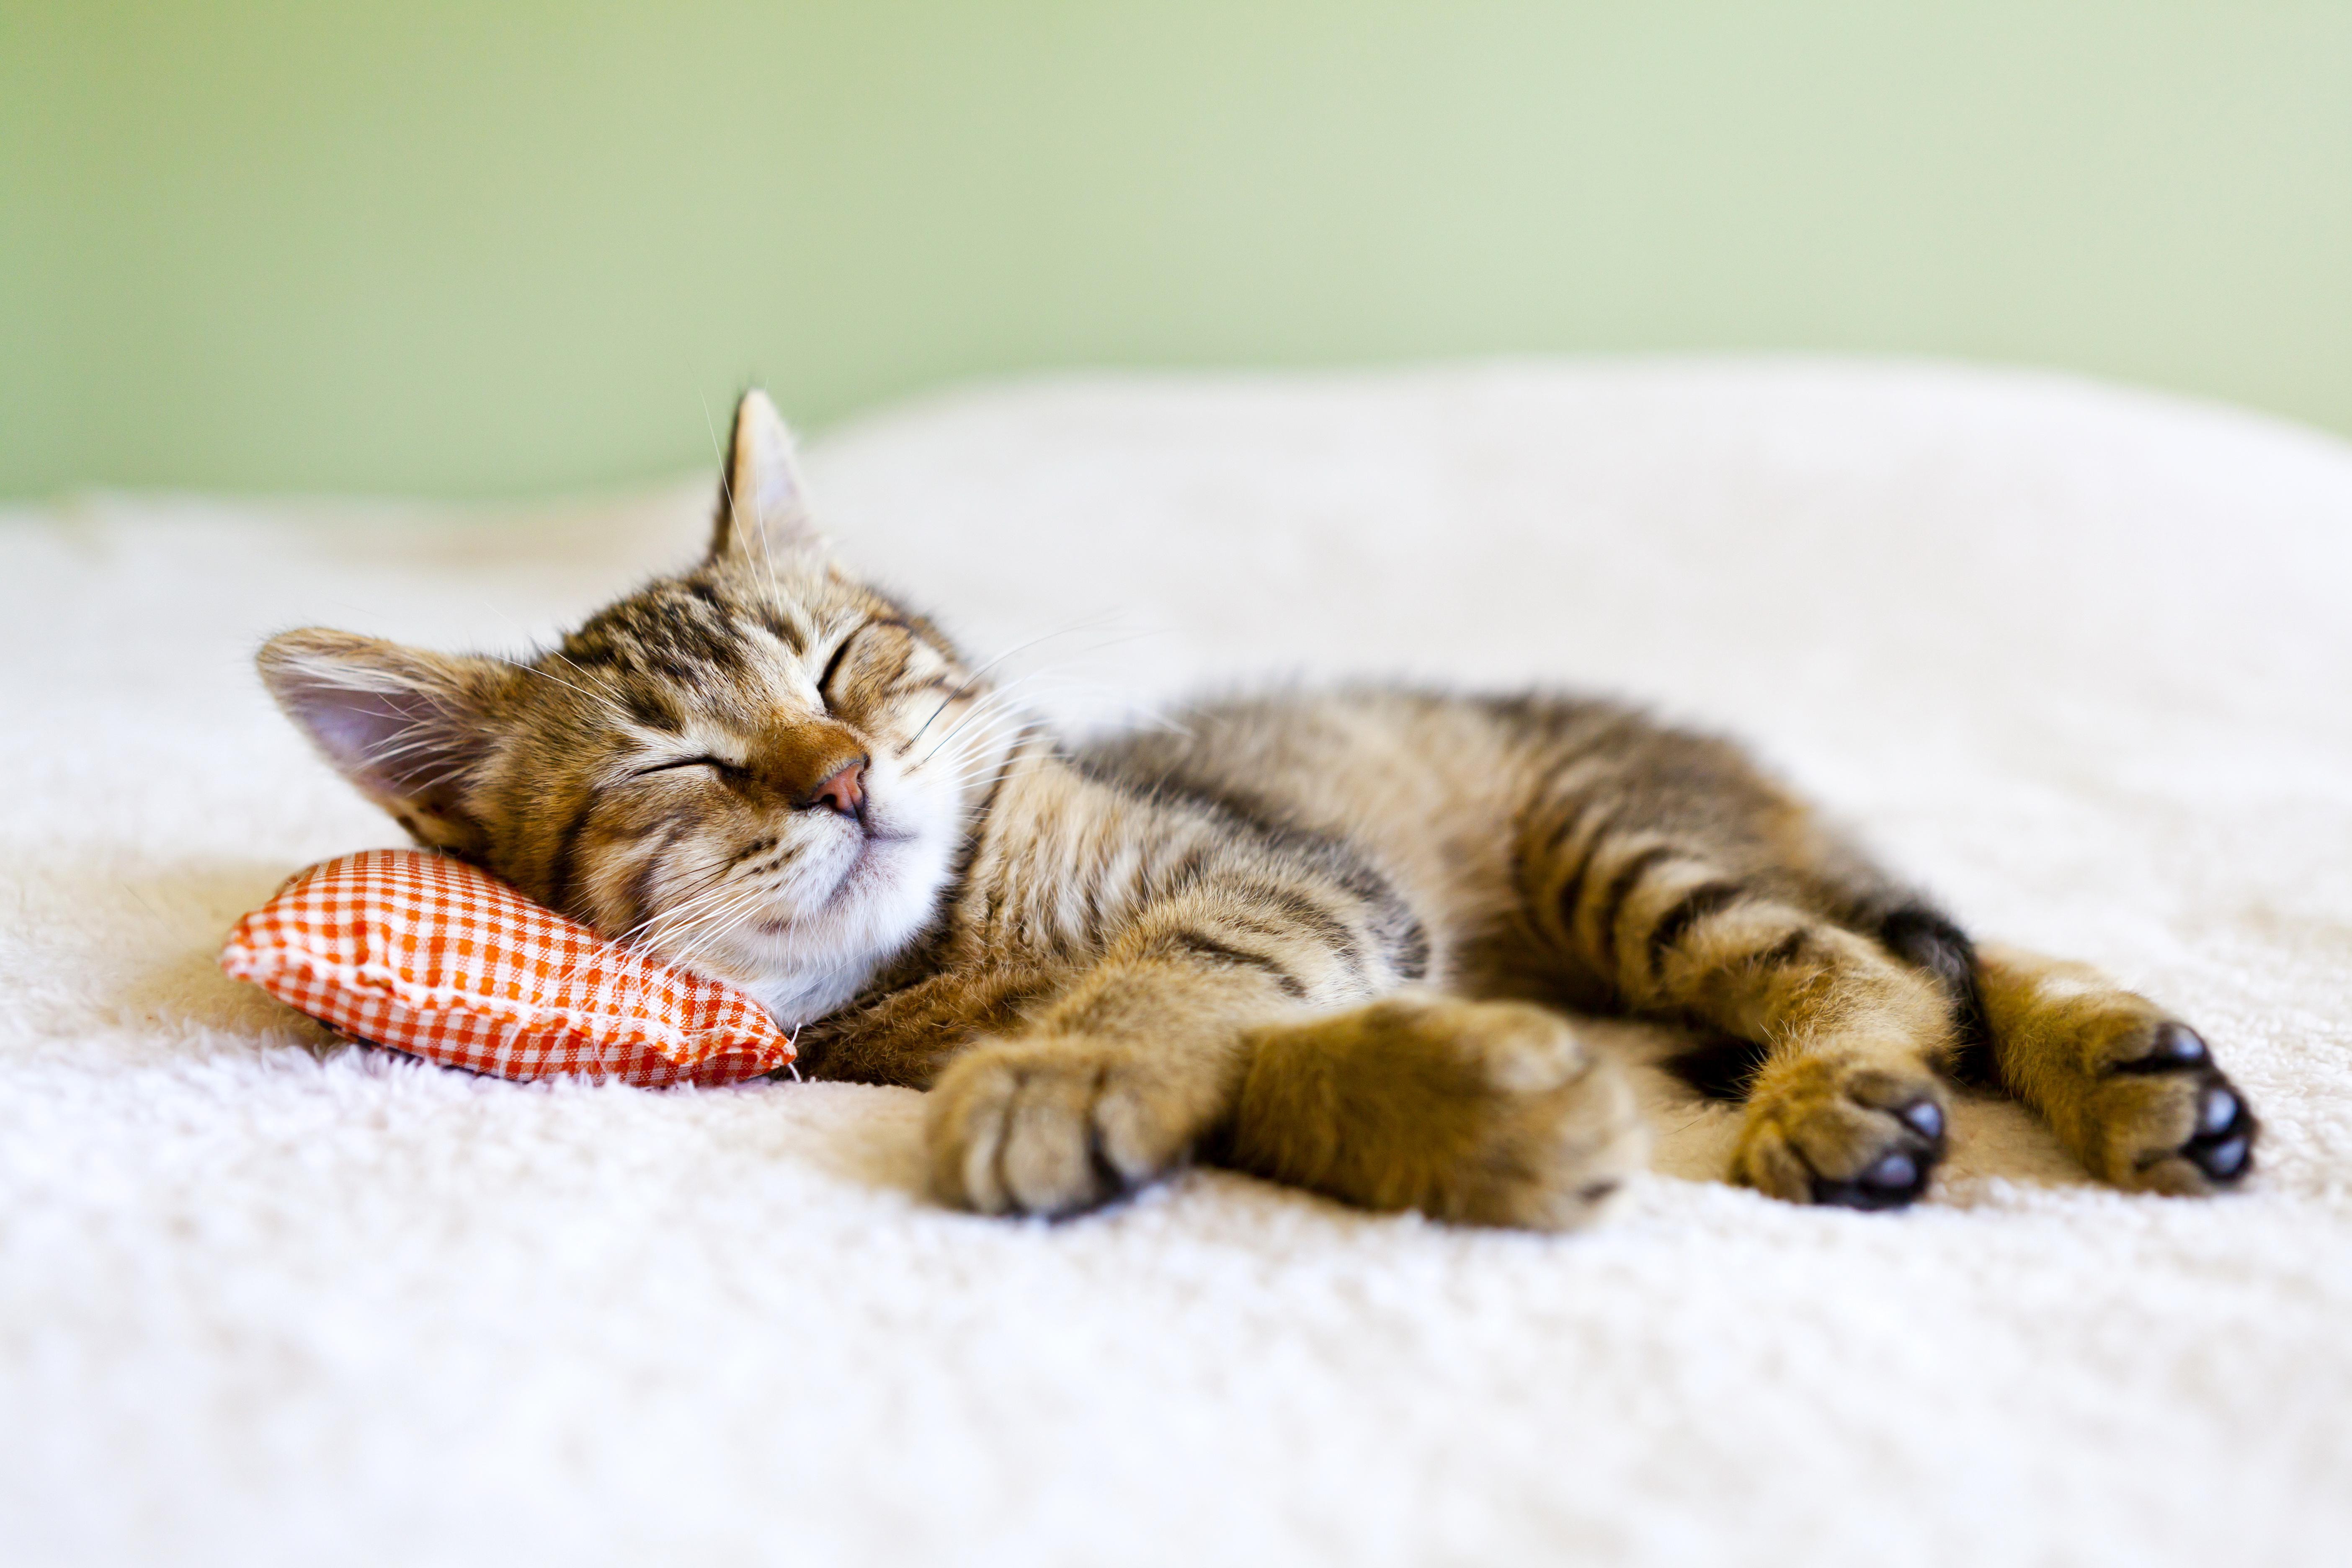 репетиторы, если кошка лежит на столе к чему это Керамическая